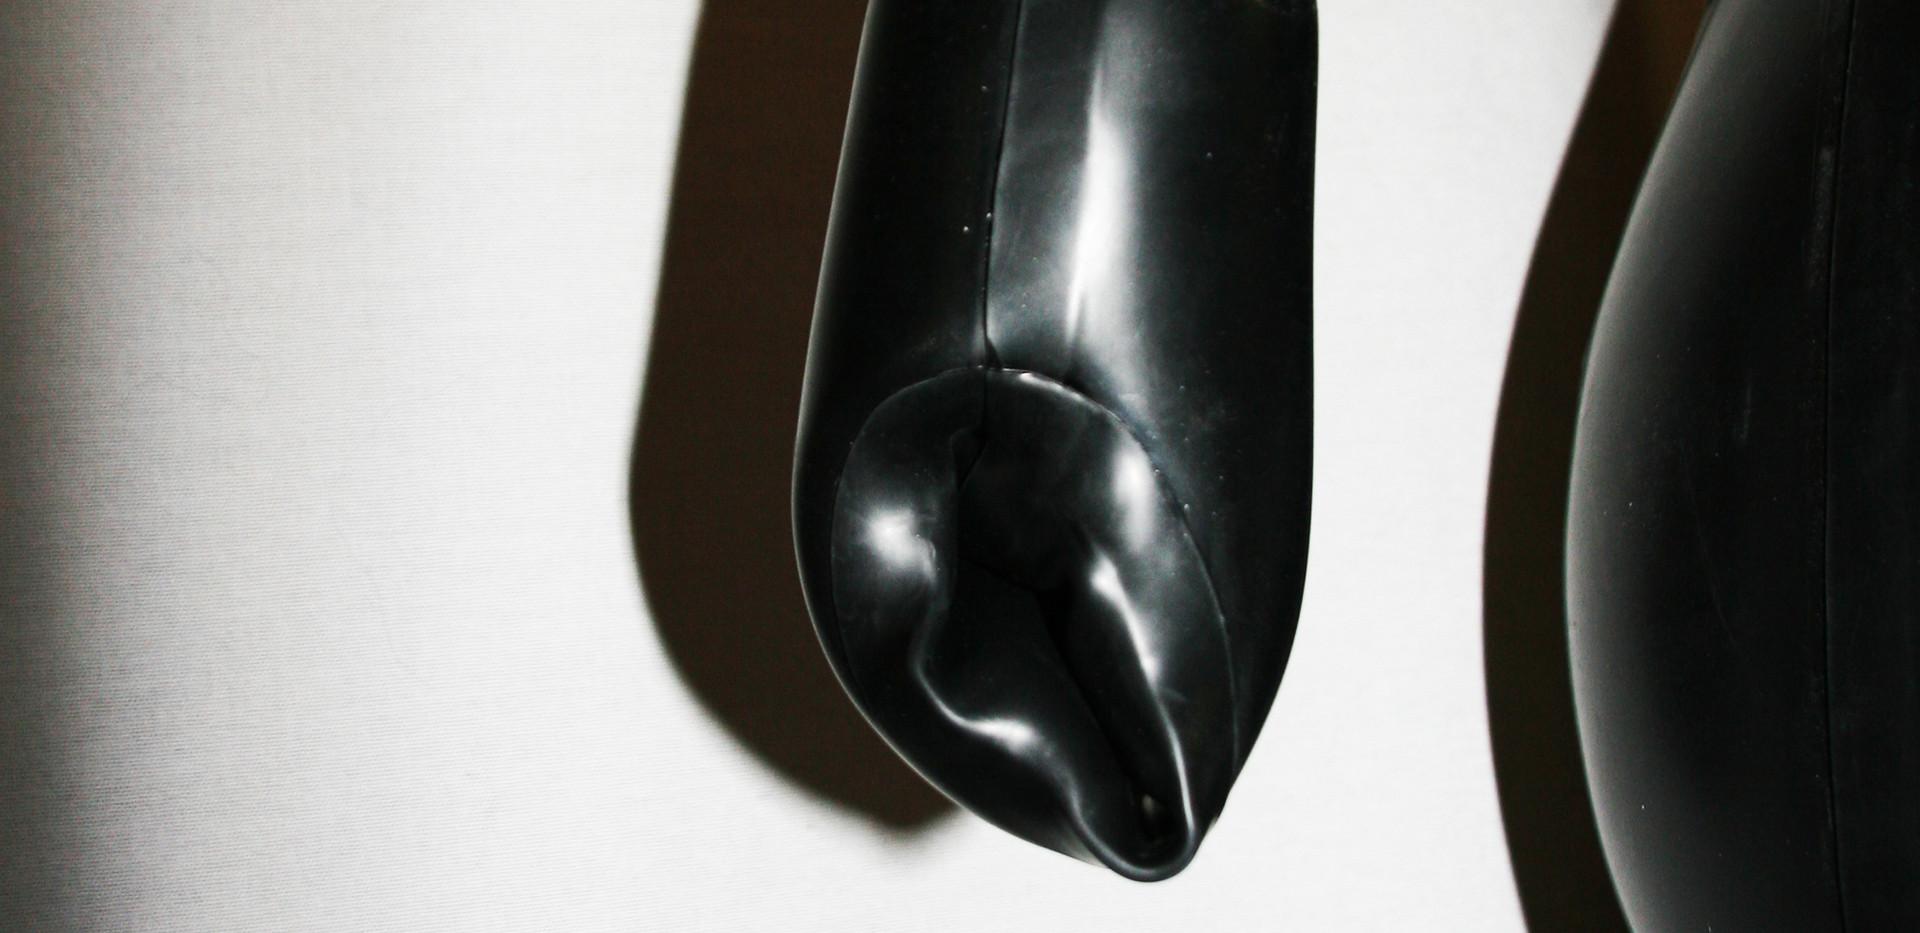 Gummipuppe-I-7.jpg